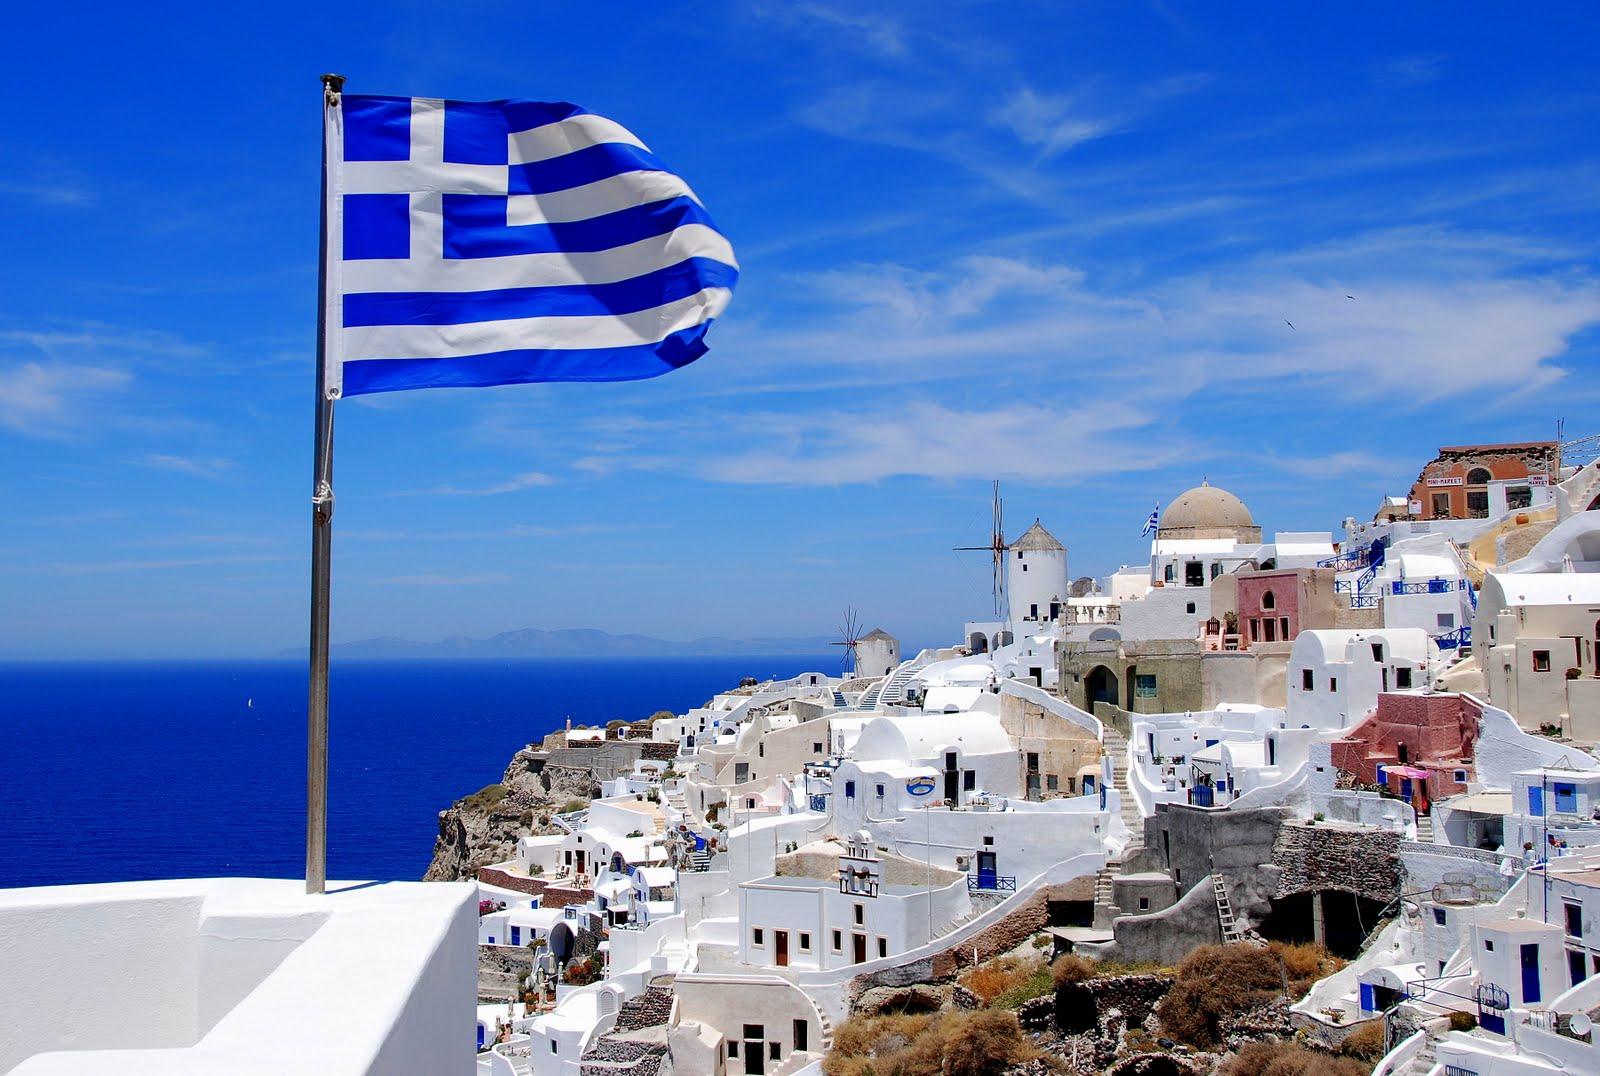 Πώς ο τουρισμός αυξάνει το ΑΕΠ της Ελλάδας [πίνακας]